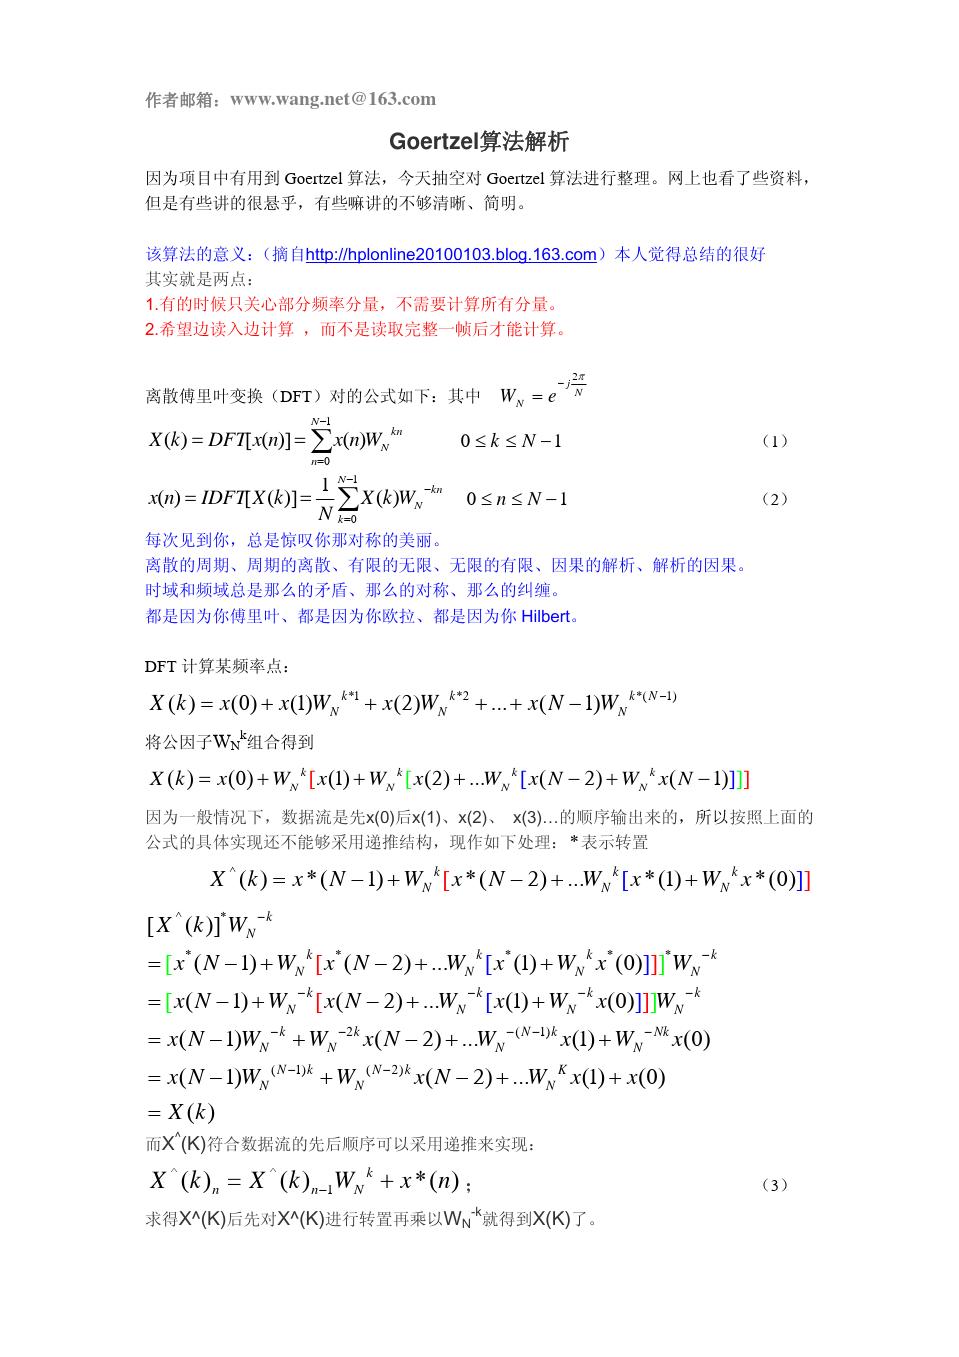 Goertzel算法解析